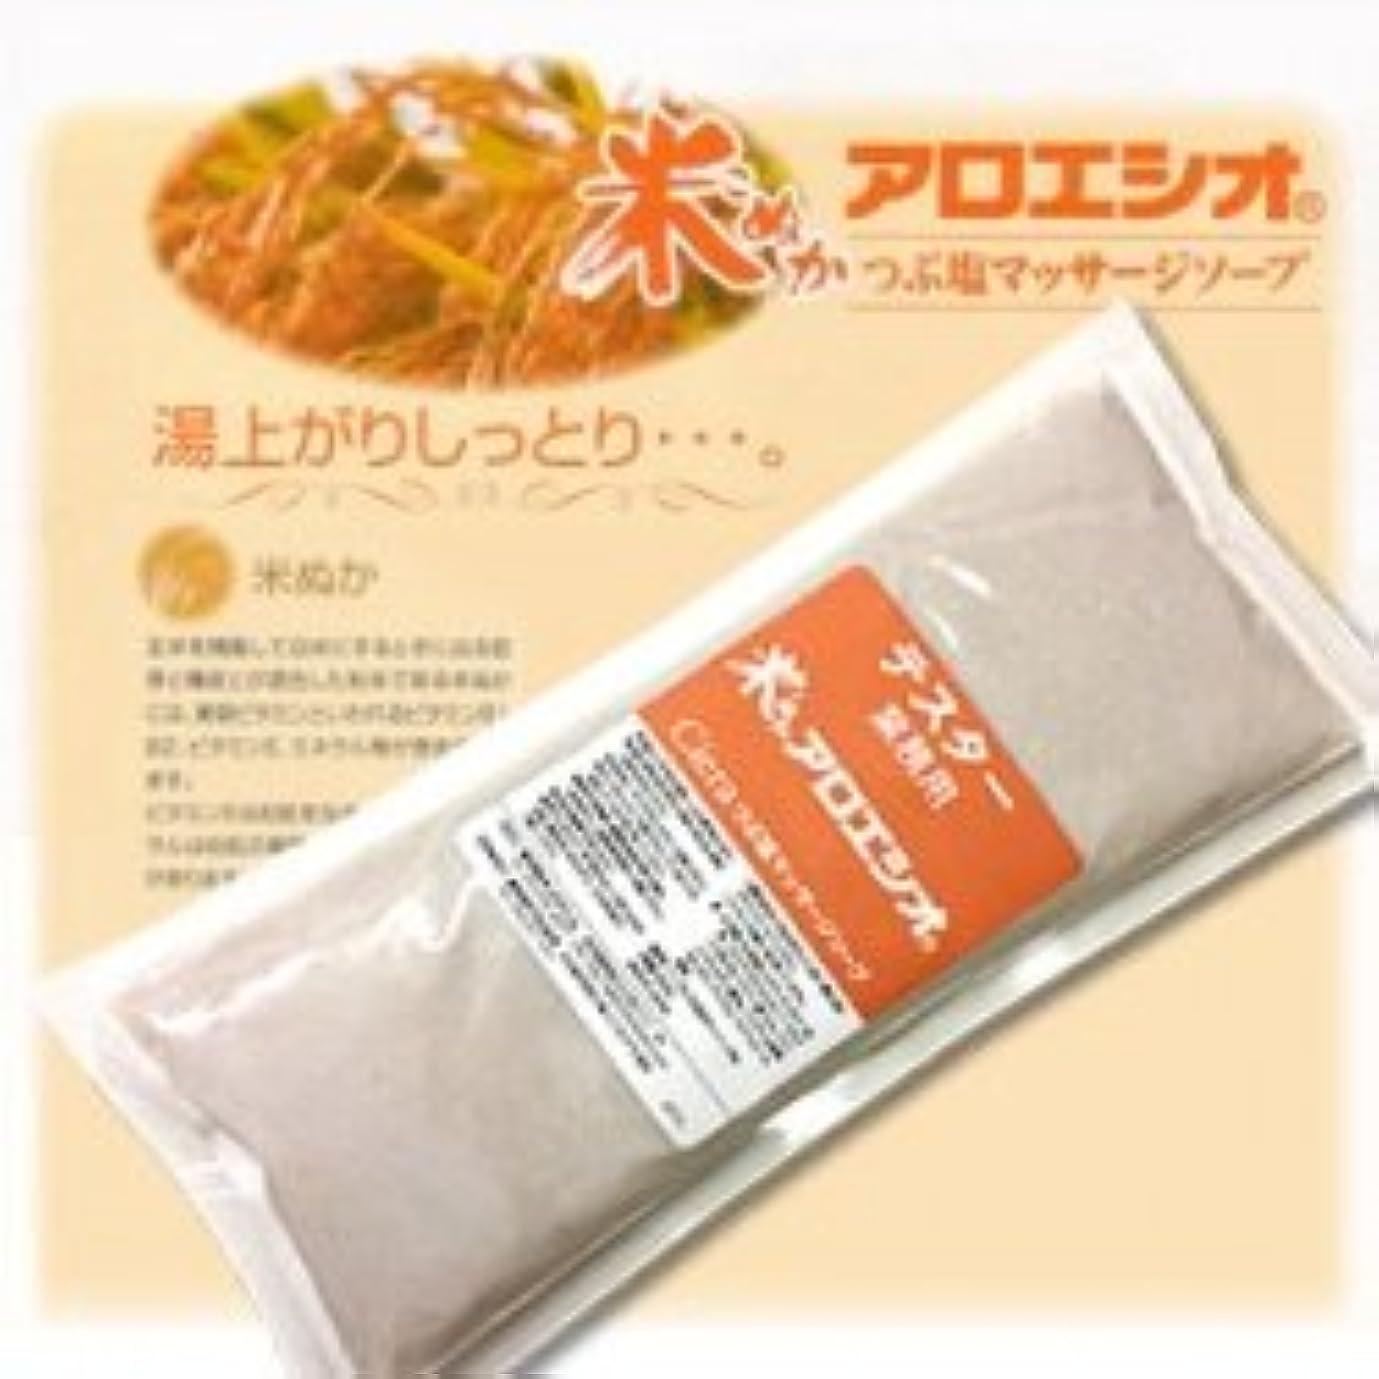 あいにく残基熱業務用米ぬかアロエ塩 800g つぶ塩マッサージソープ/ フタバ化学 アロエシオ Ciera